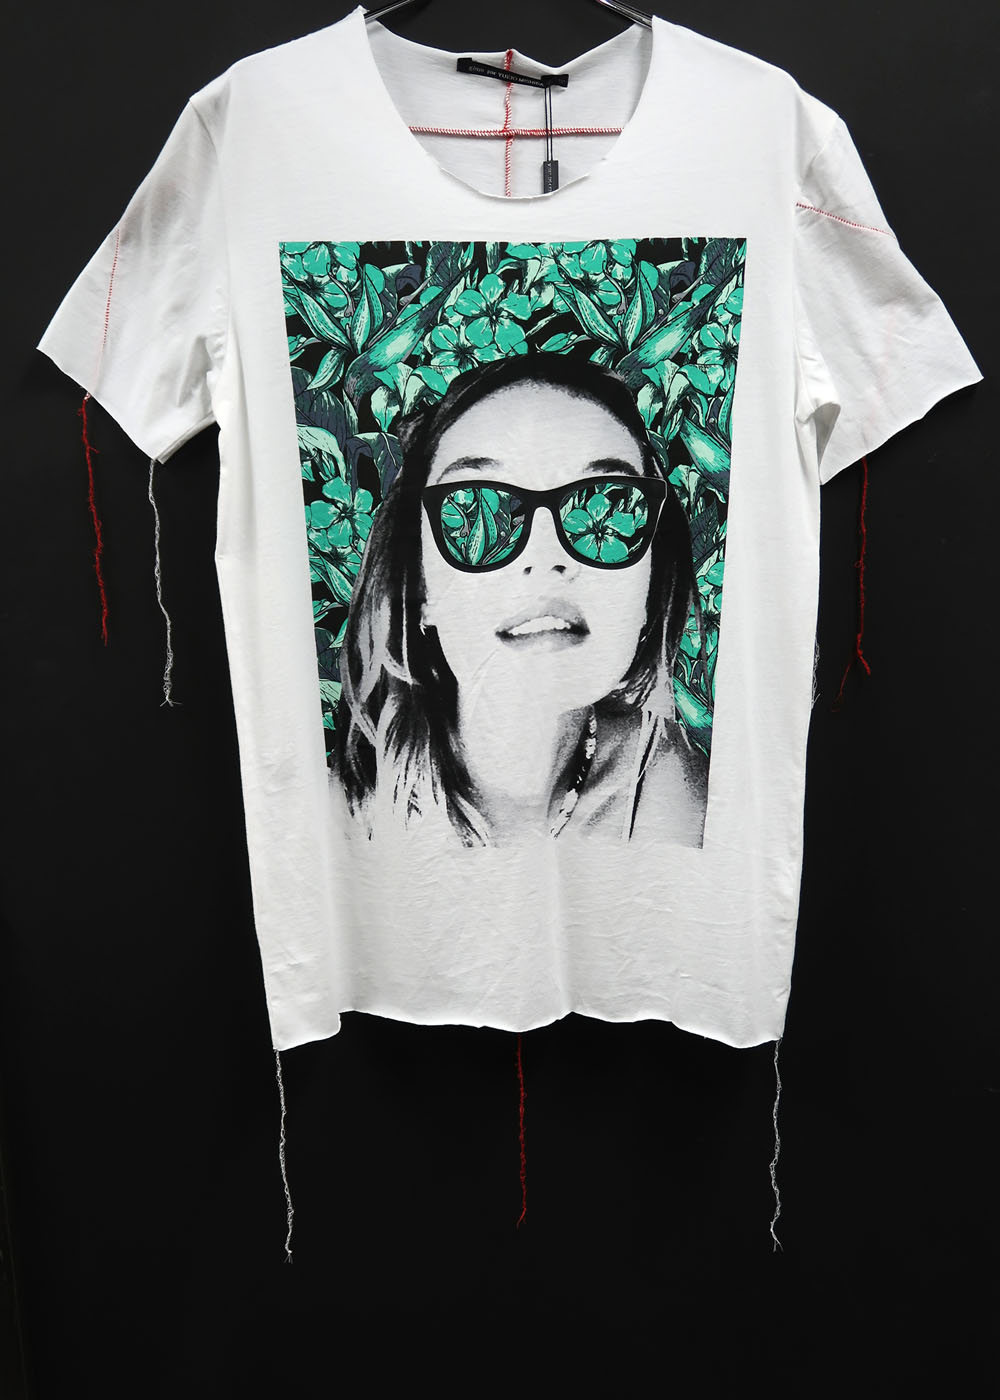 Cotton Round T-shirt